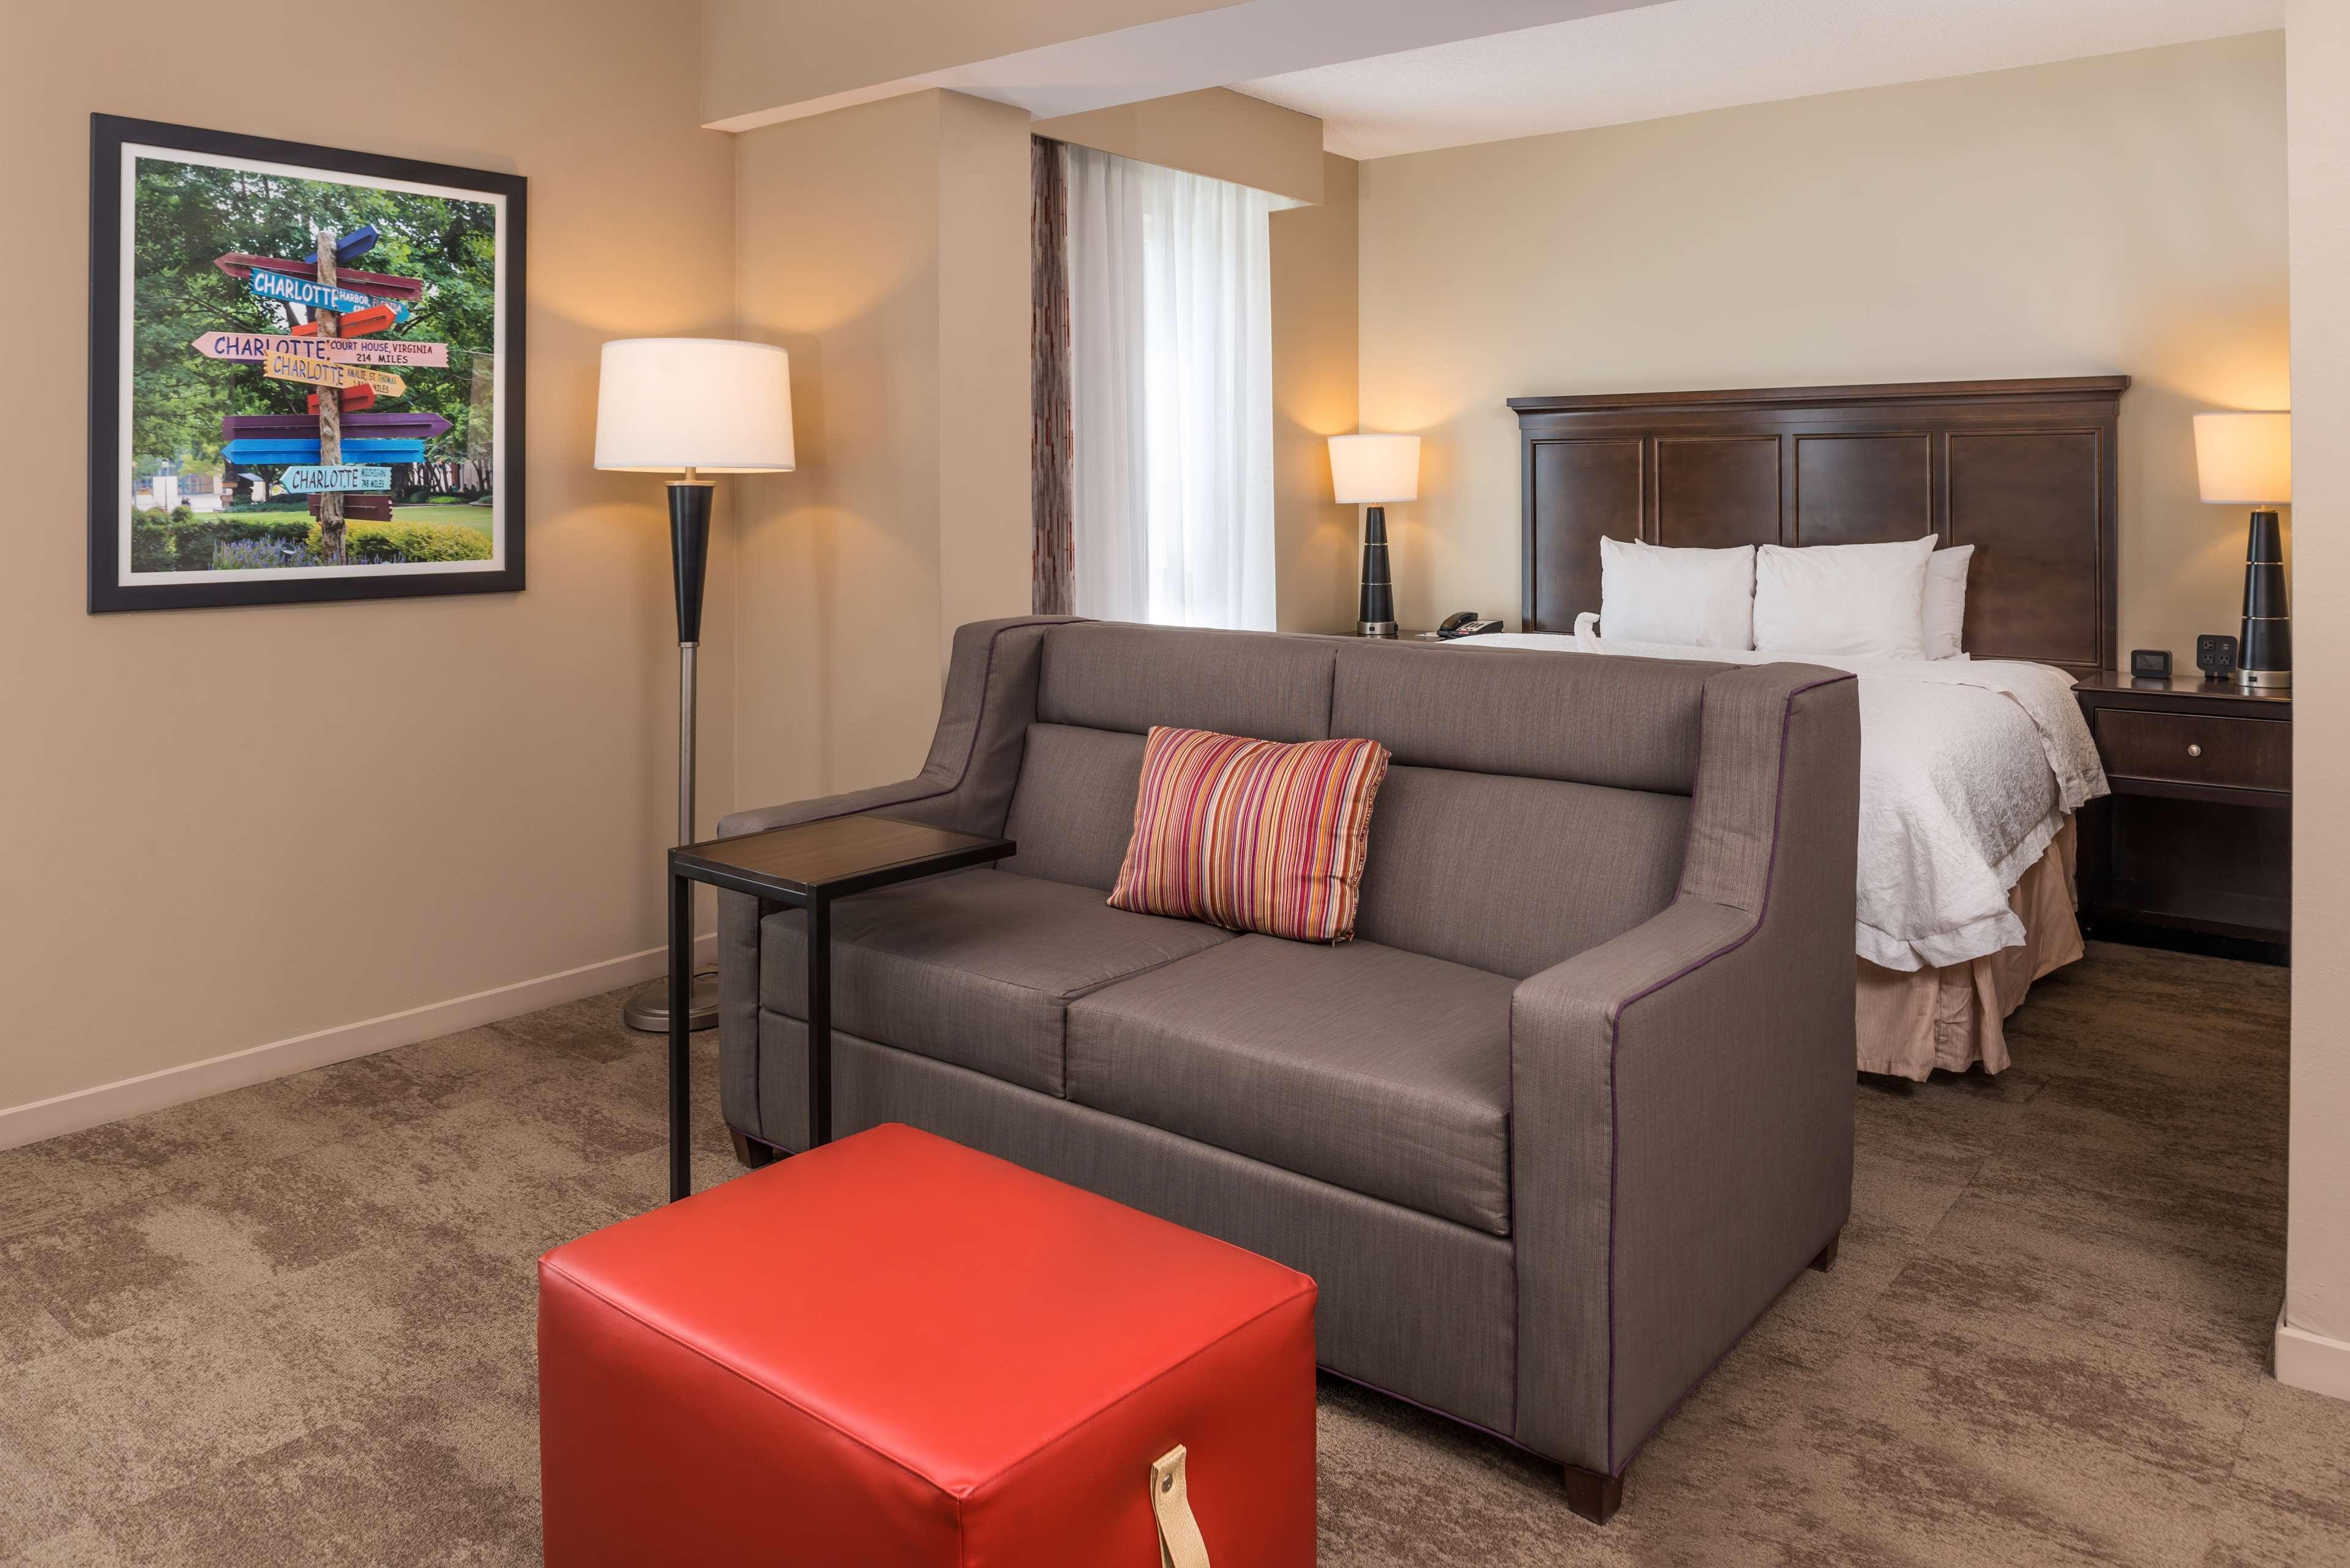 Hampton Inn & Suites Charlotte-Arrowood Rd. image 27